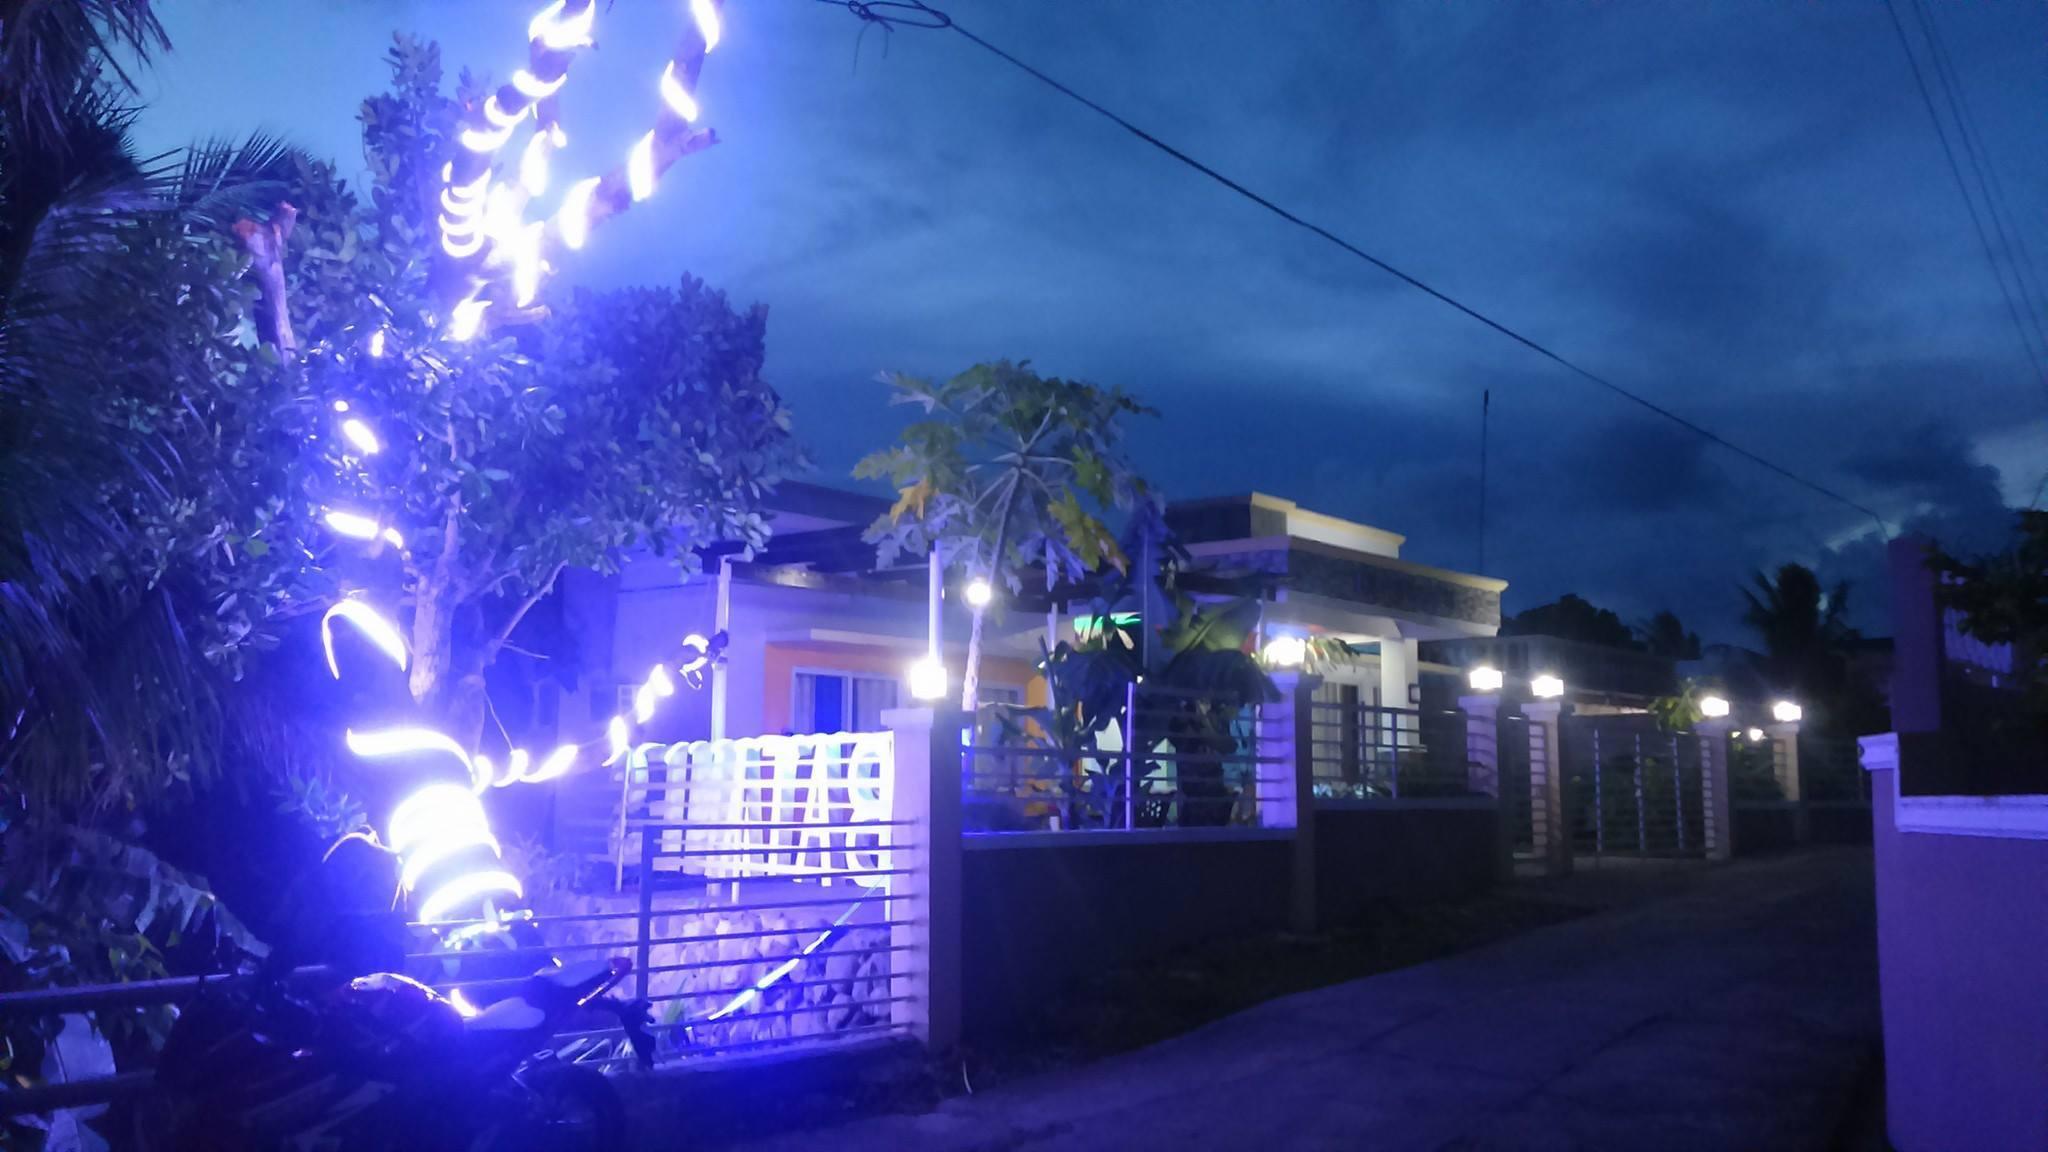 Davocol's Inn